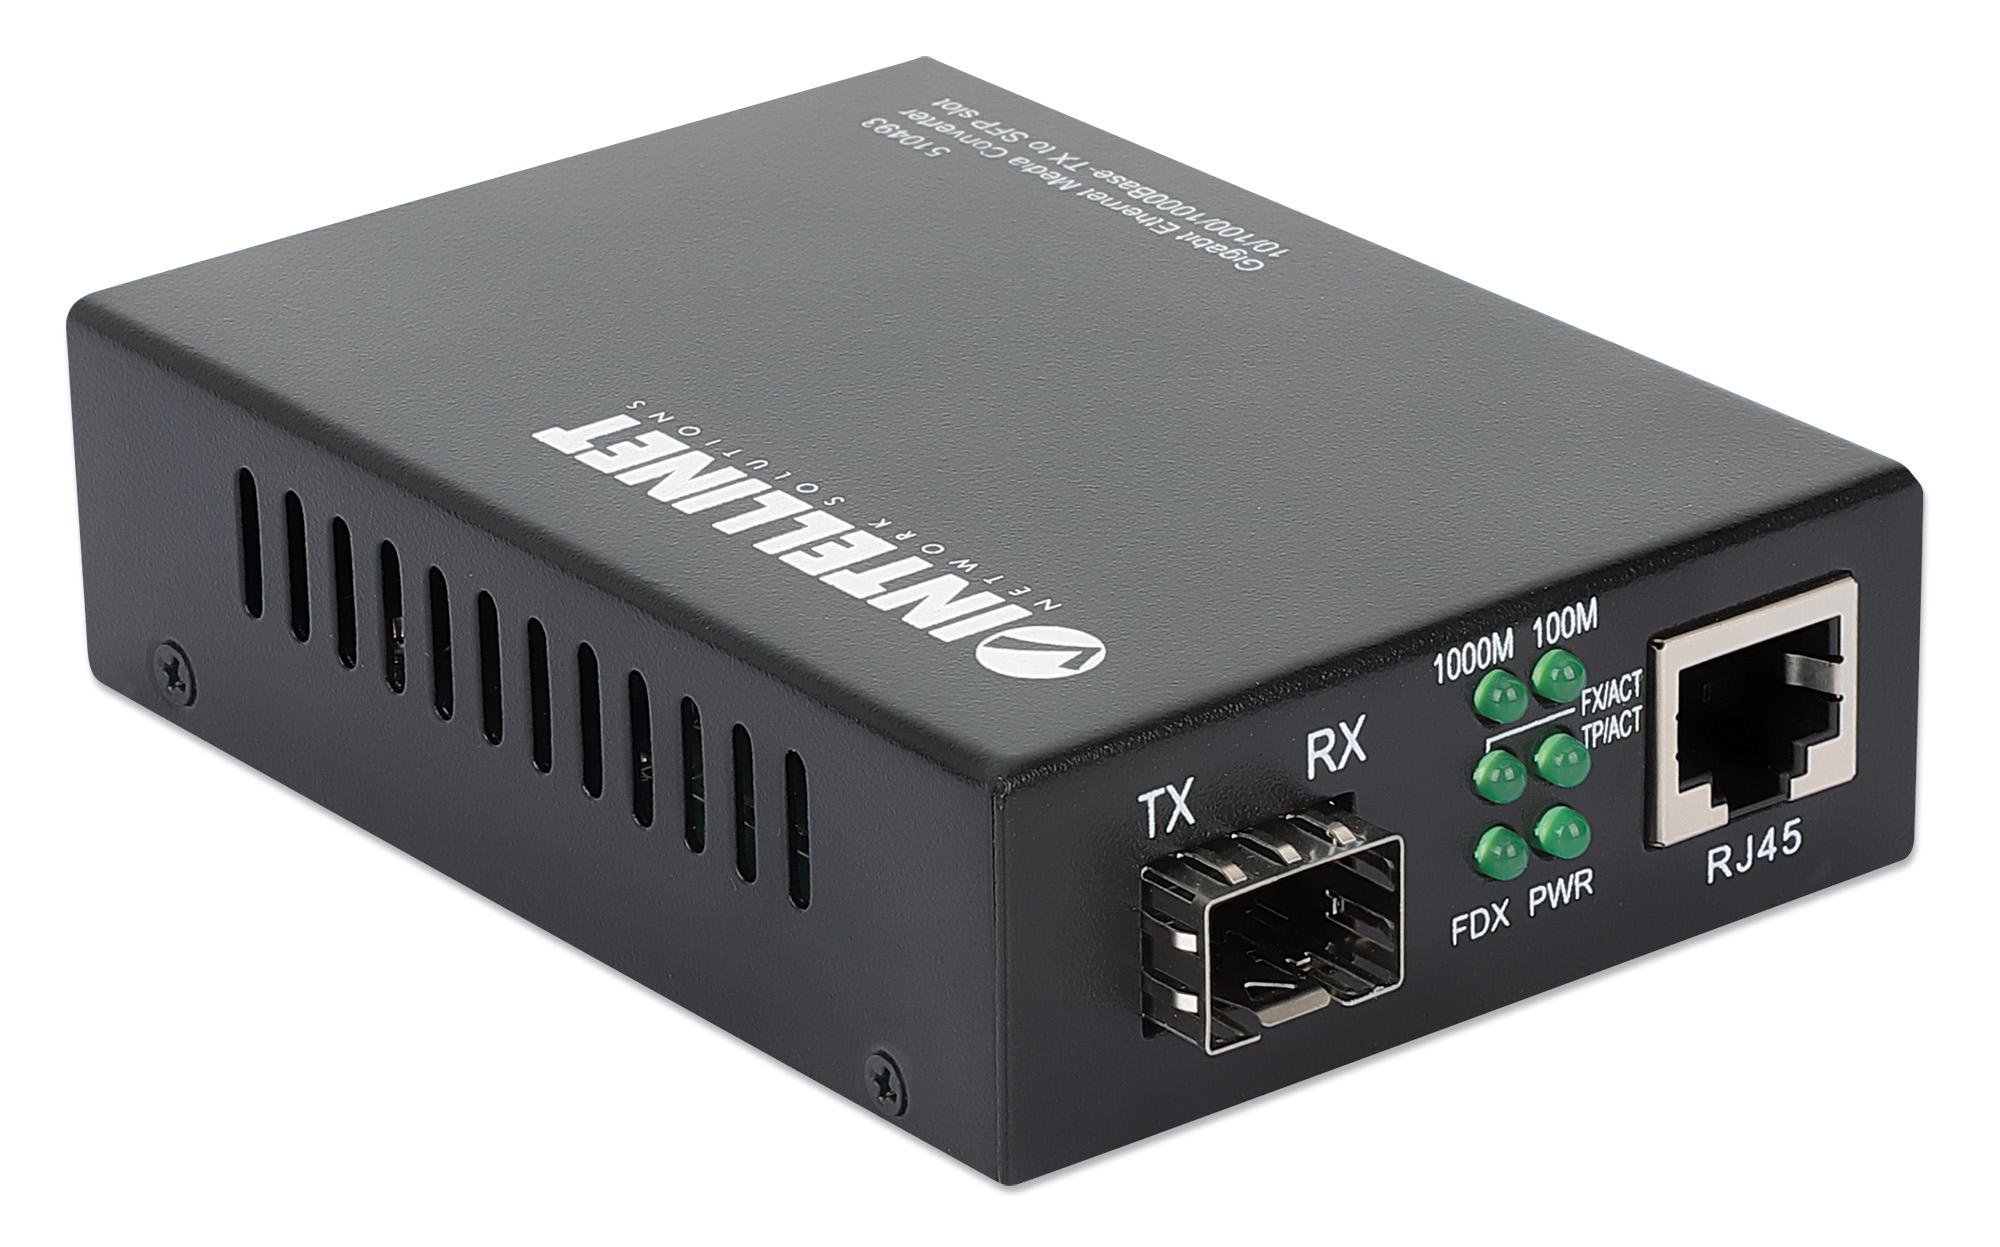 Gigabit Ethernet to SFP Media Converter